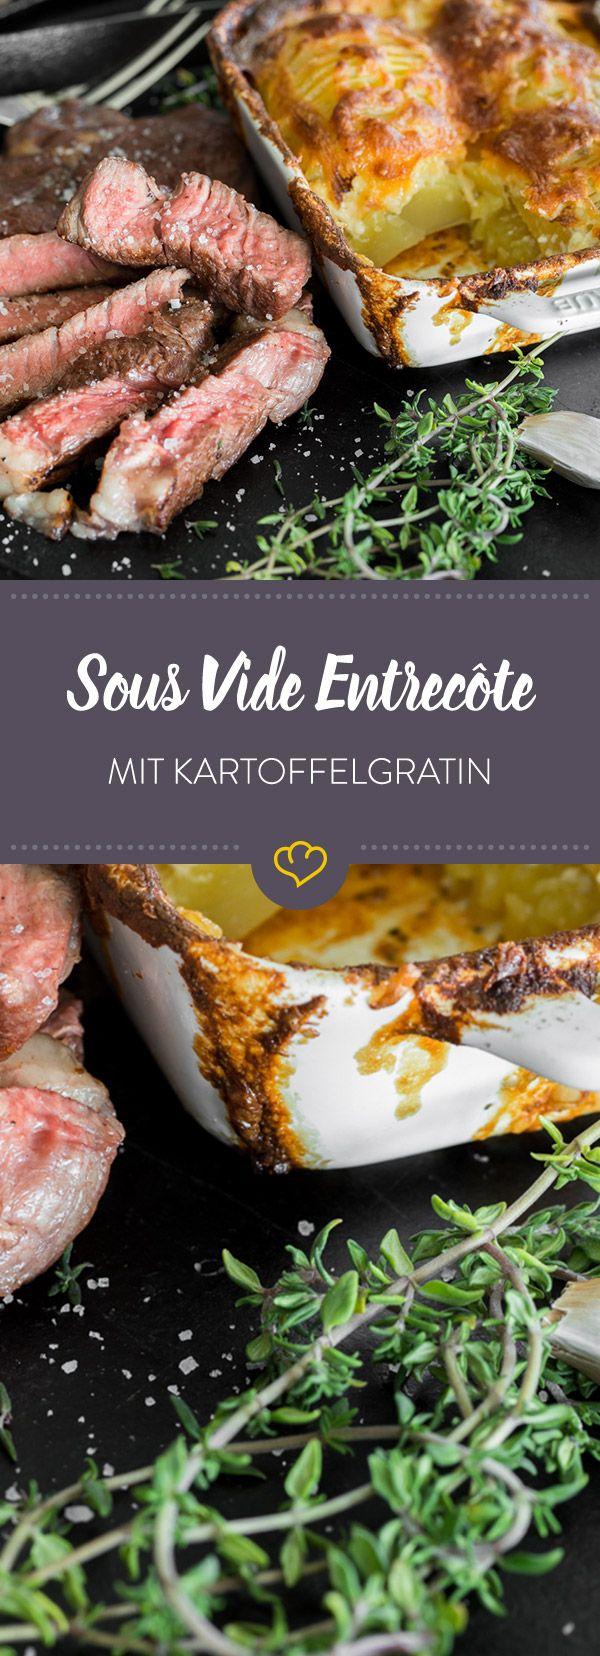 Französisches Kartoffelgratin und ein saftig Sous Vide gegartes Entrecôte sind ein absolutes Traum-Duo und leicht zu Hause zubereitet.